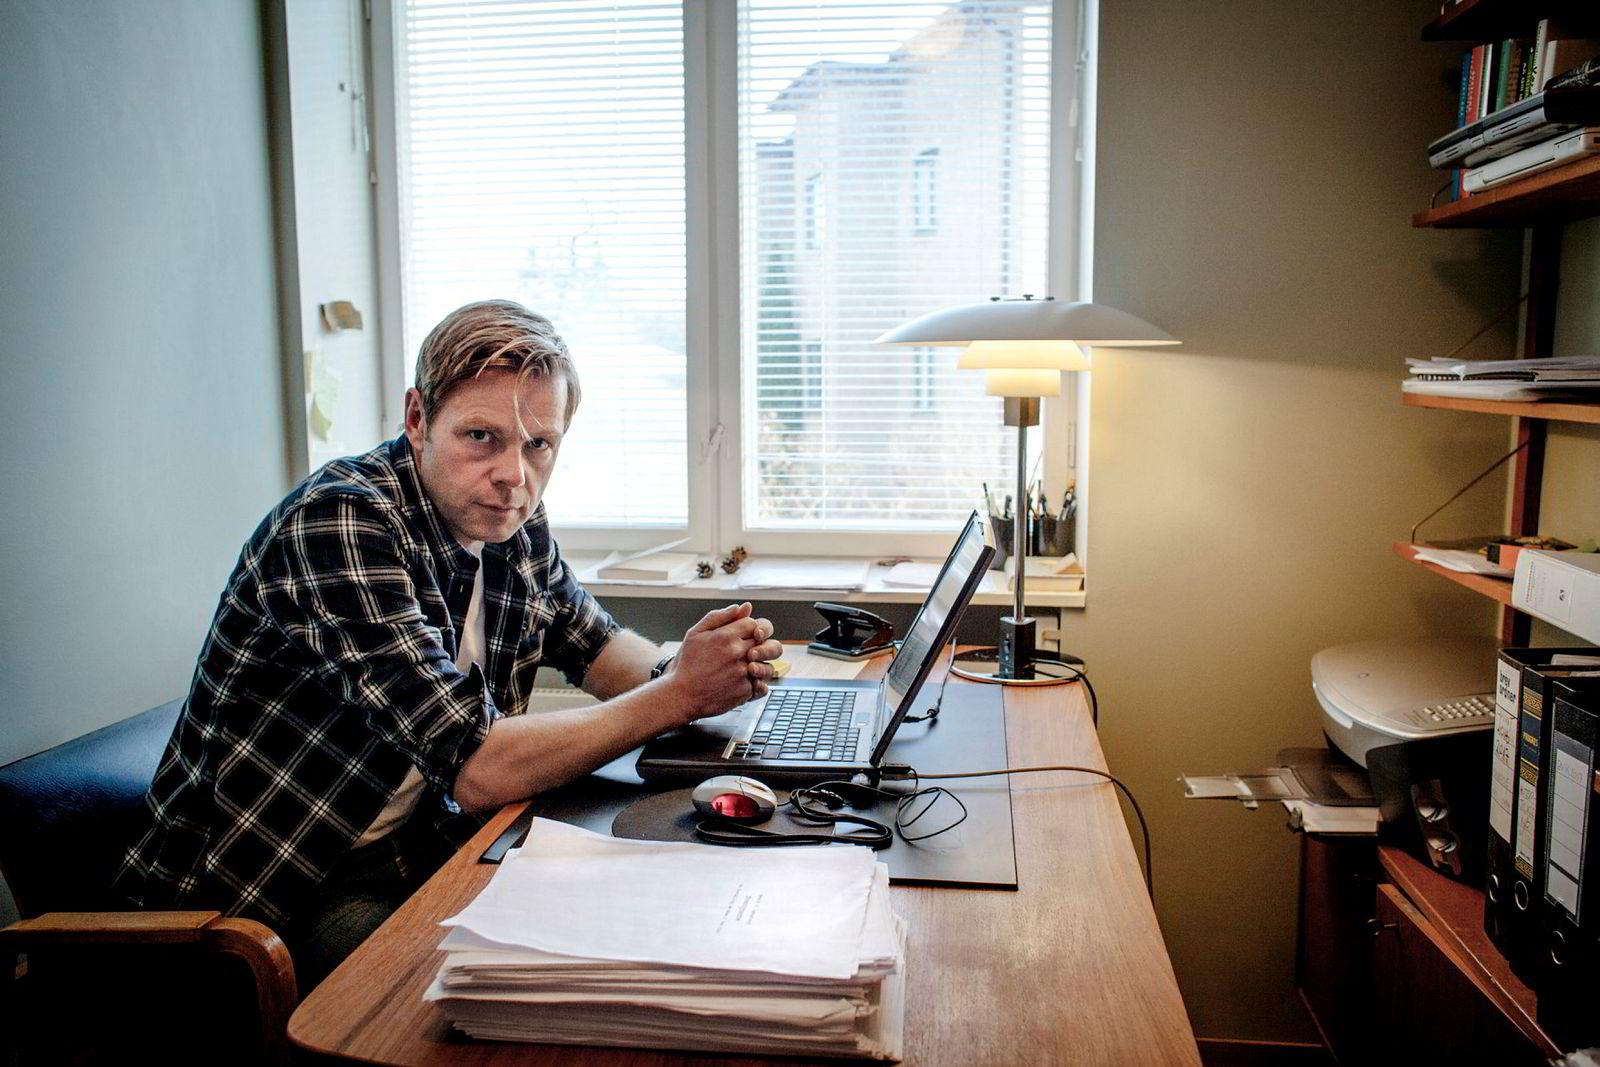 Forfatter Henrik H. Langeland fikk i 2014 i oppdrag å skrive historien om Aker. Utgivelsen av boken er stoppet. På pulten ligger bokmanuset.